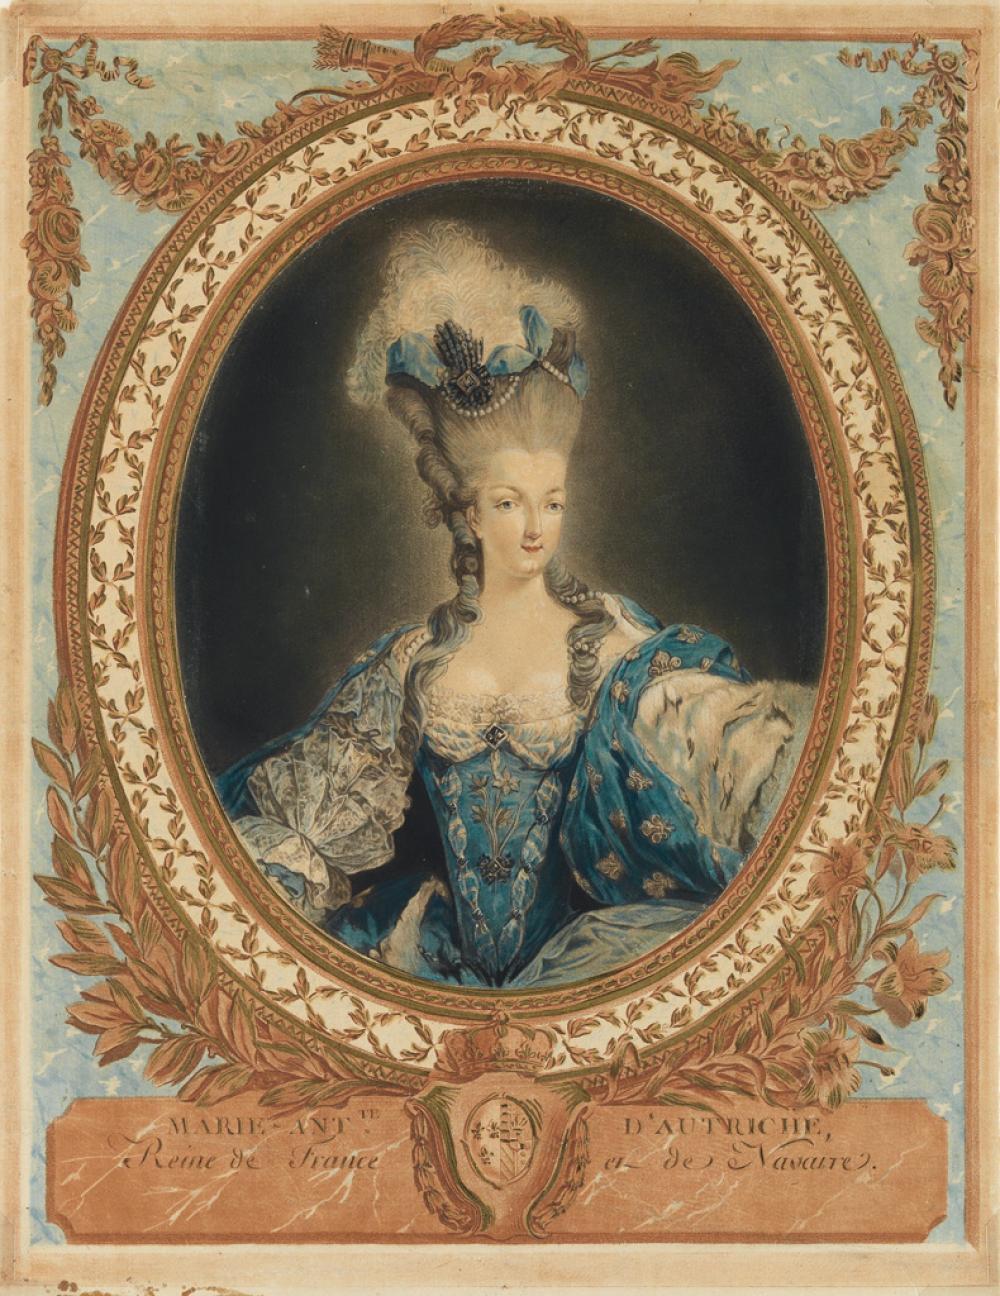 JEAN-FRANÇOIS JANINET Marie Antoinette d''Autriche, Reine de France et de Navarre.